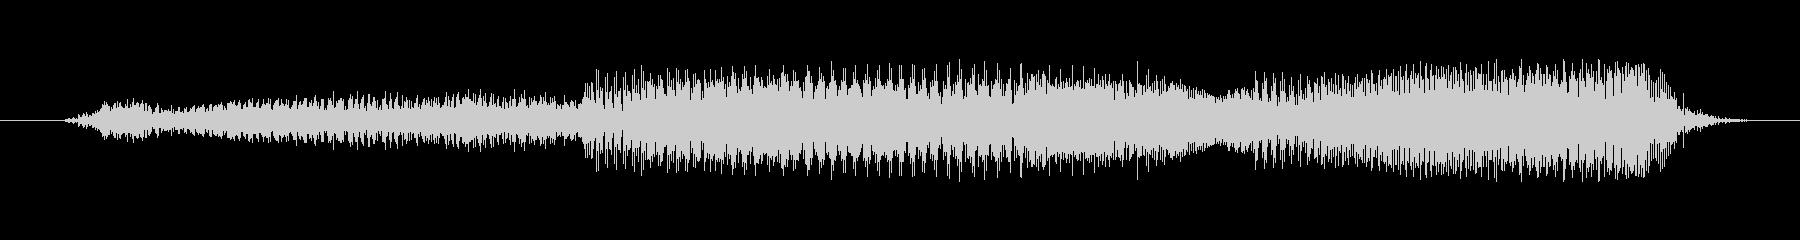 鳴き声 男性スクリームフォースフル...の未再生の波形